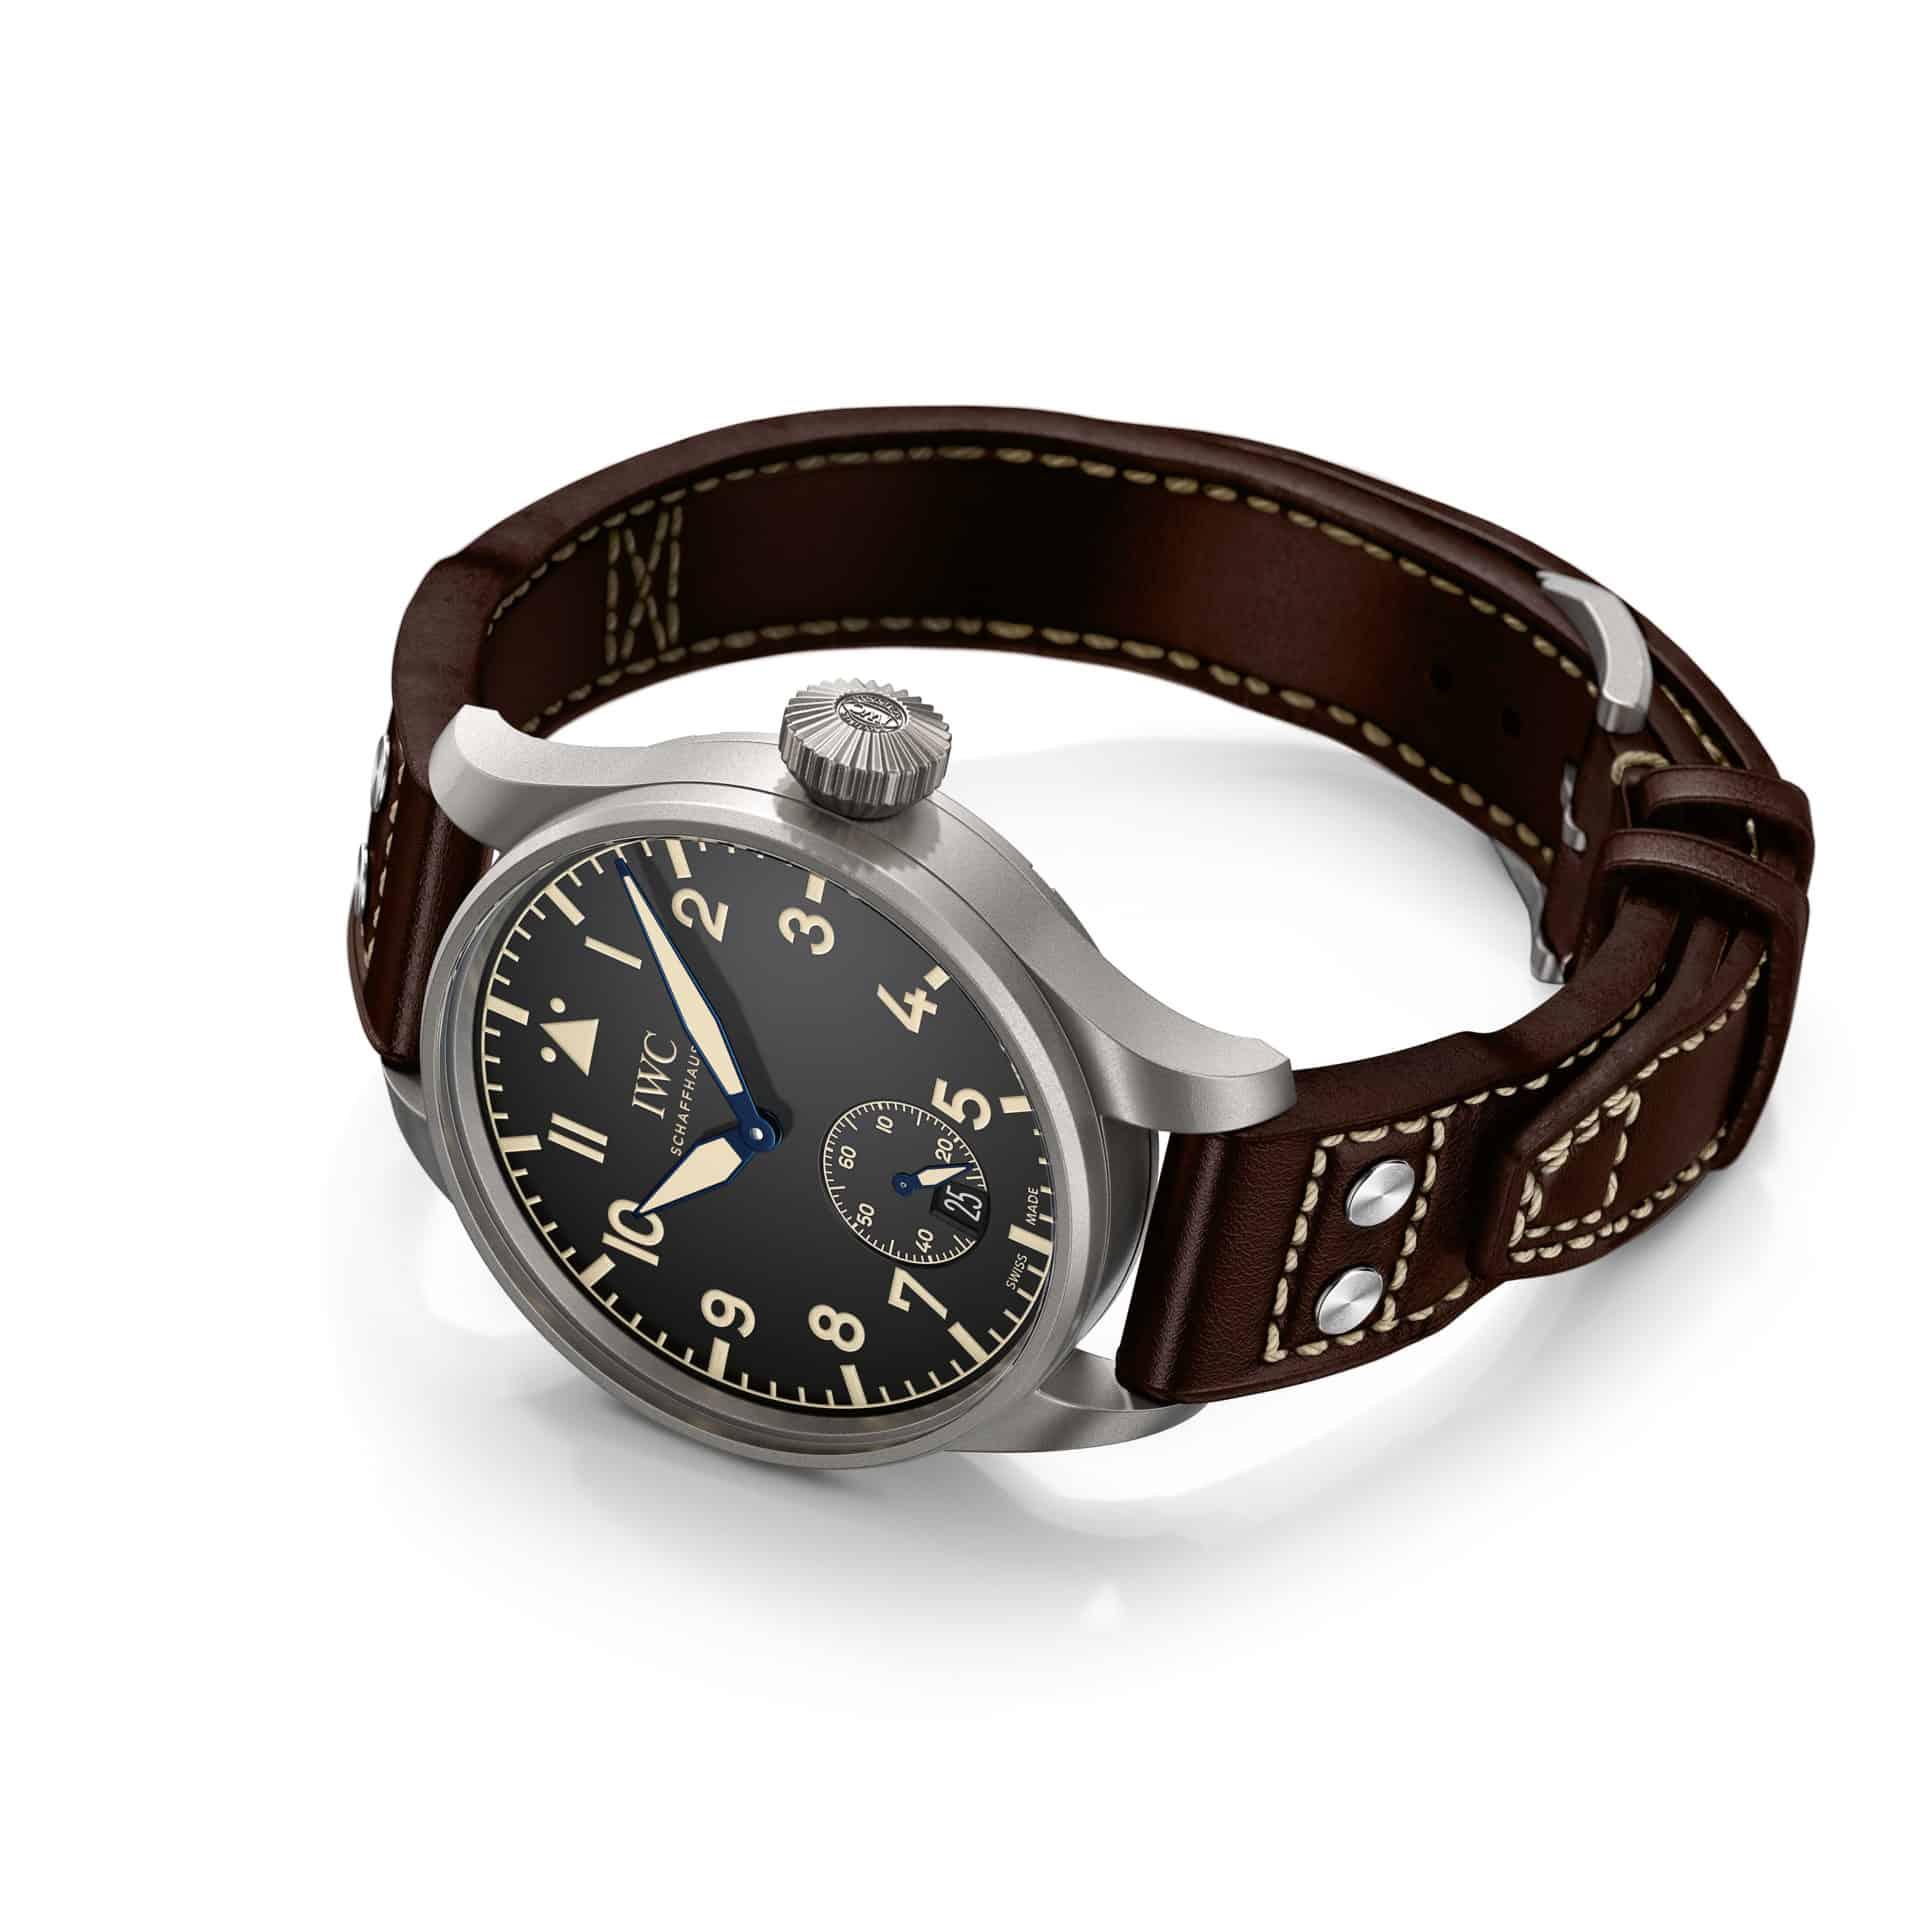 Auch nicht unbedingt schmächtig, aber die 48 mm Version der IWC Pilot`s Heritage Watch trägt sich gut und ist ein Ausrufezeichen am Arm